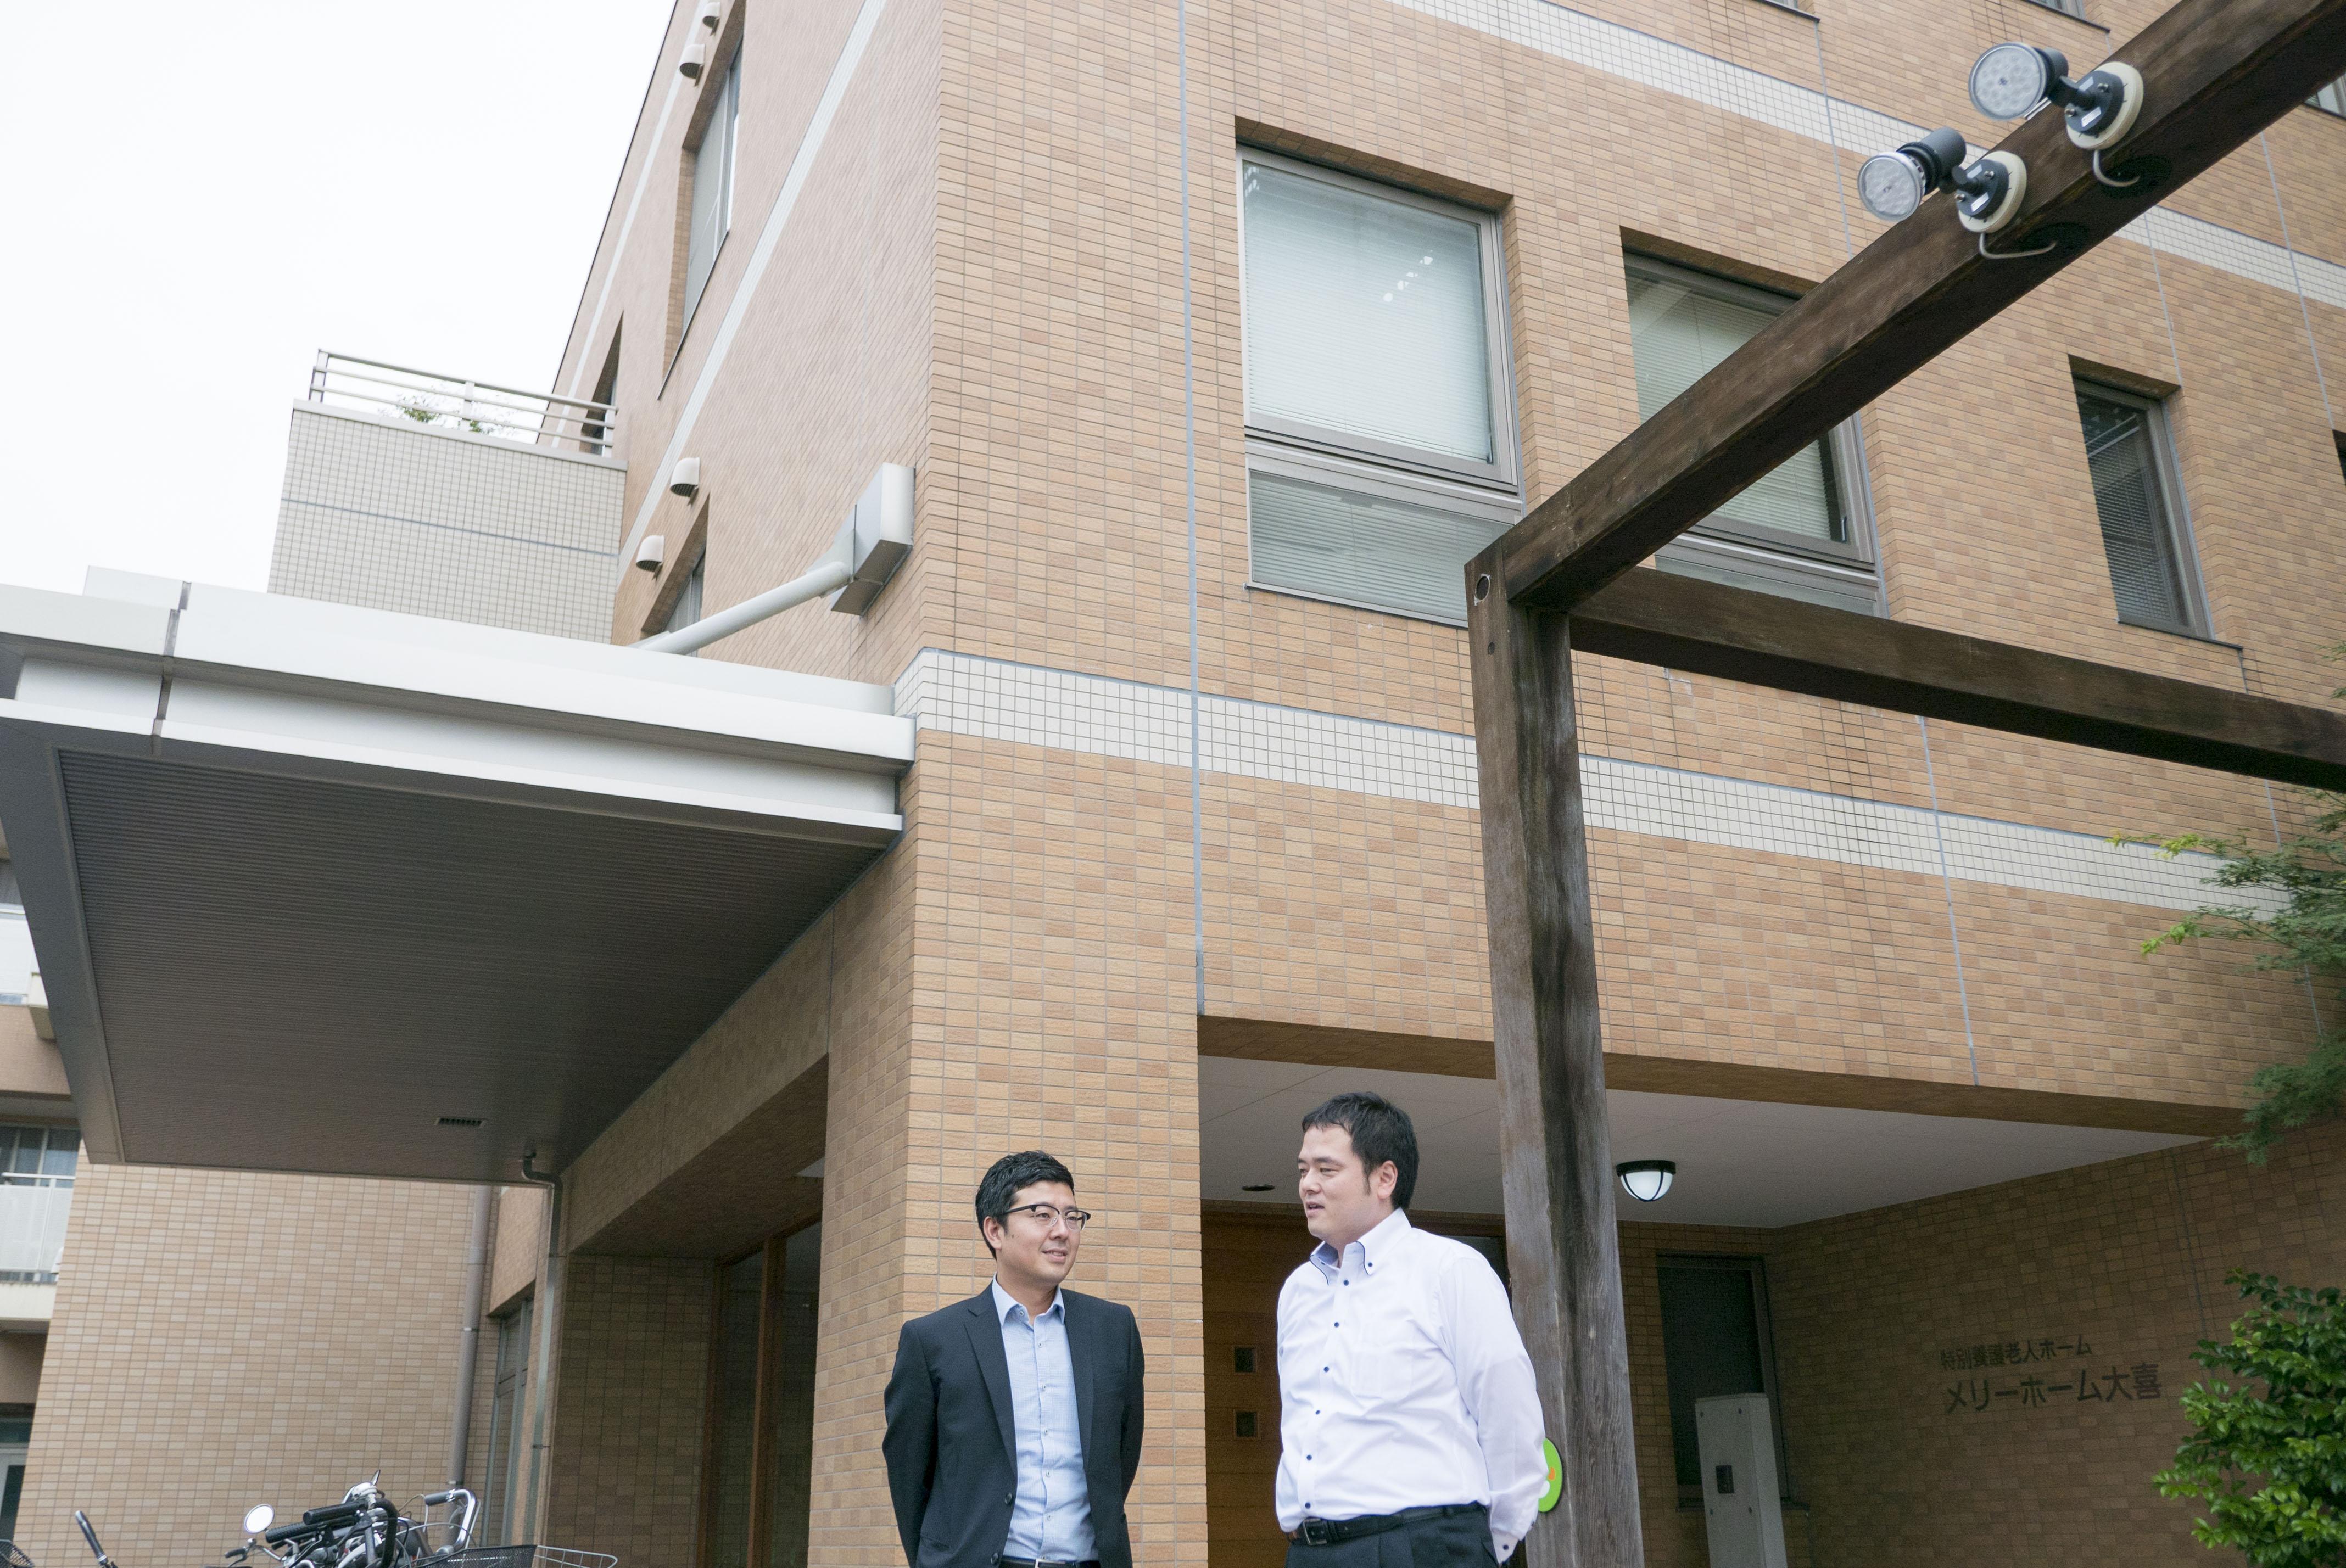 介護施設の前で今後の展開を話し合う斉藤先生と本部の荻原さん